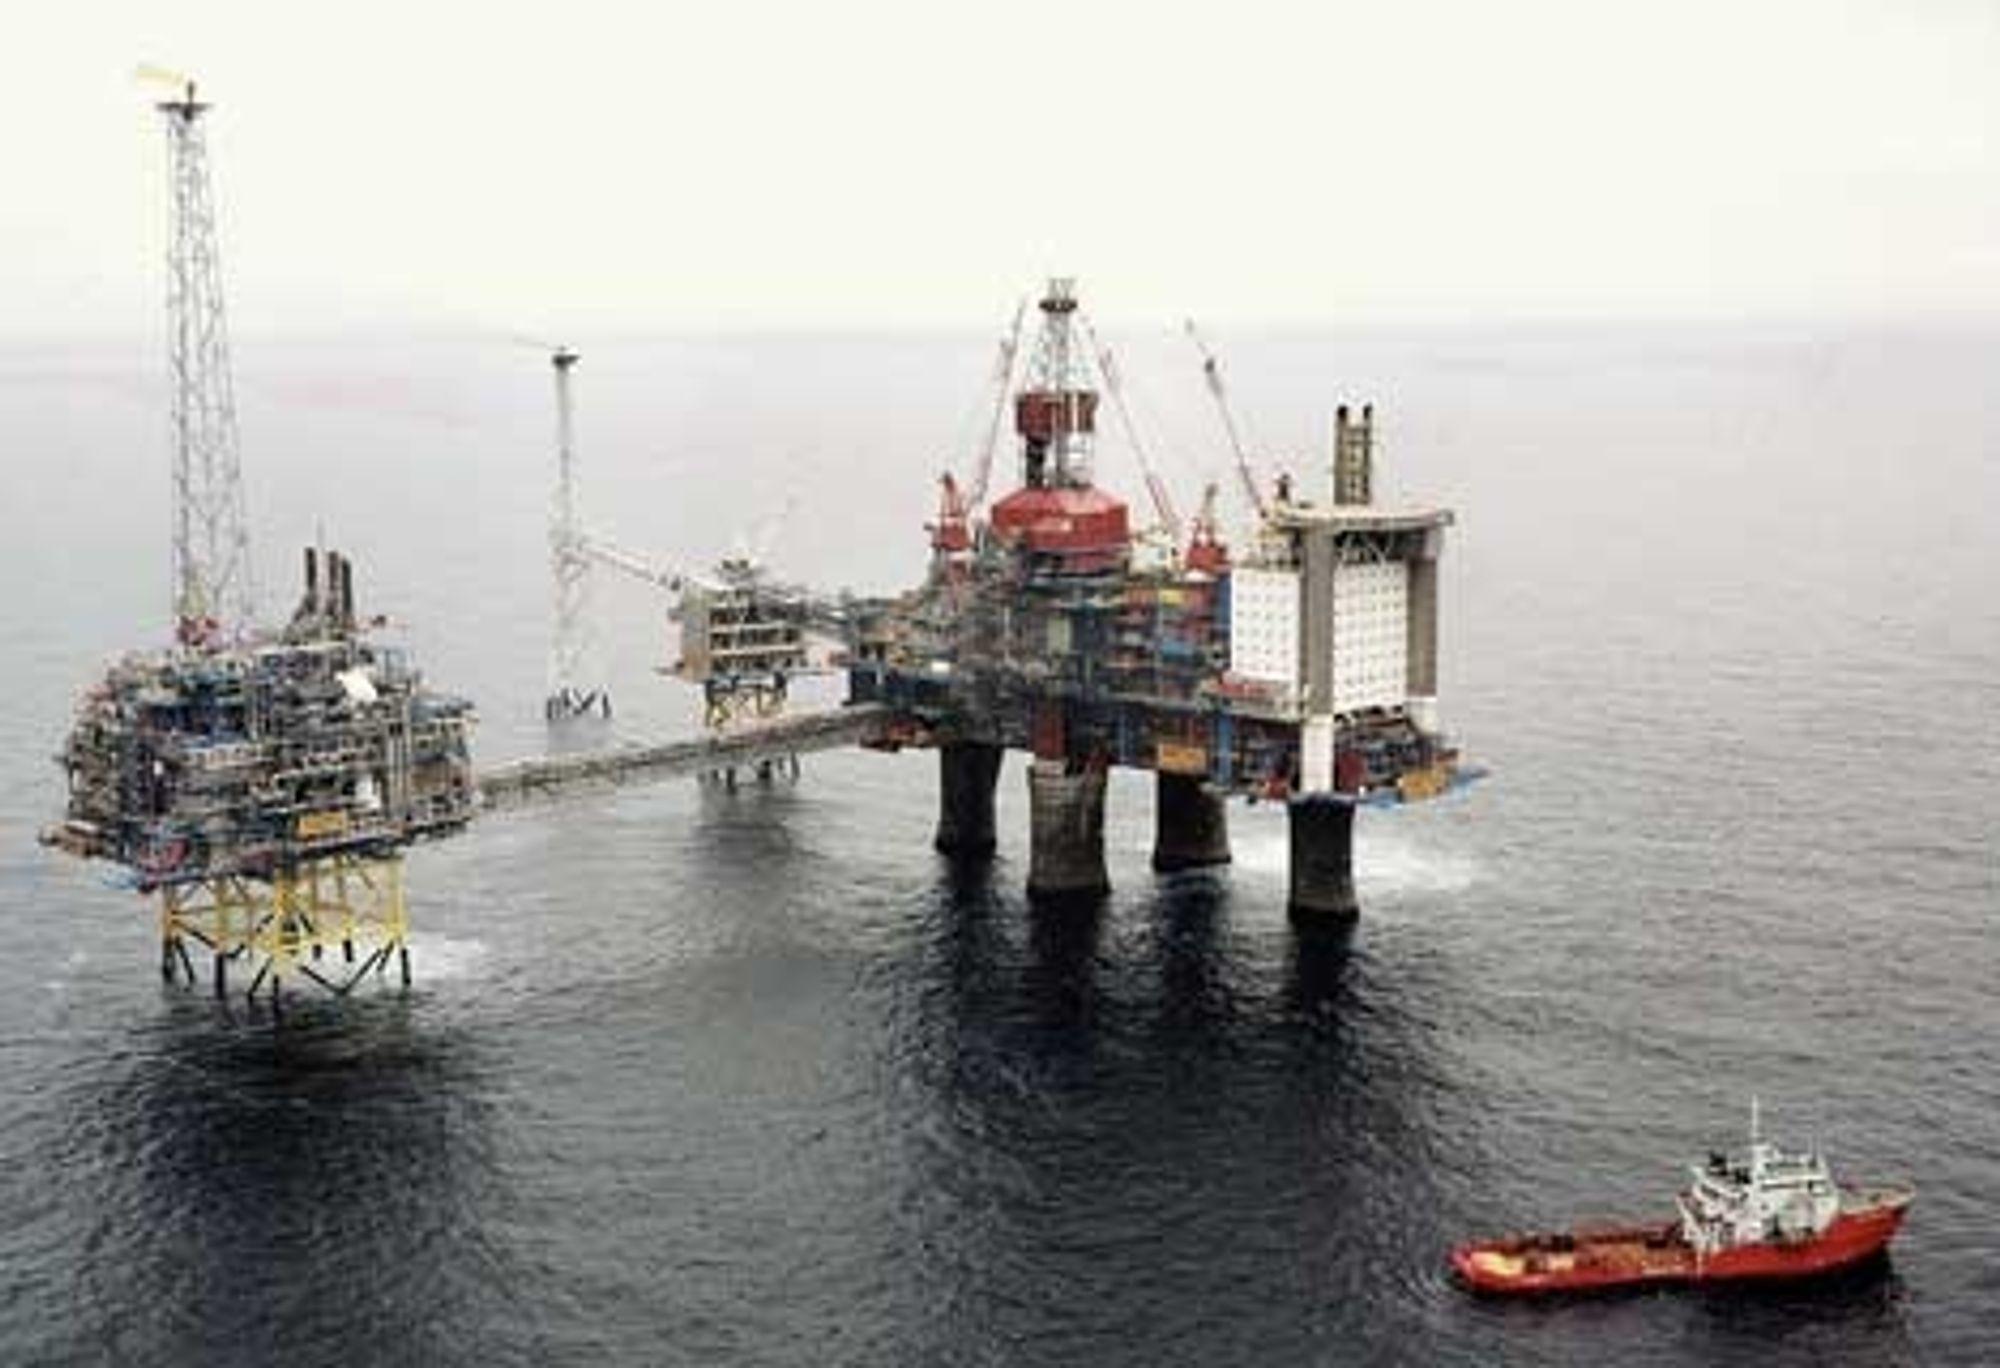 SELVSJEKK: De nye detektorene ¿ som ikke minst vil kunne komme til nytte på offshoreinstallasjoner som denne - har innebygget selvsjekk.